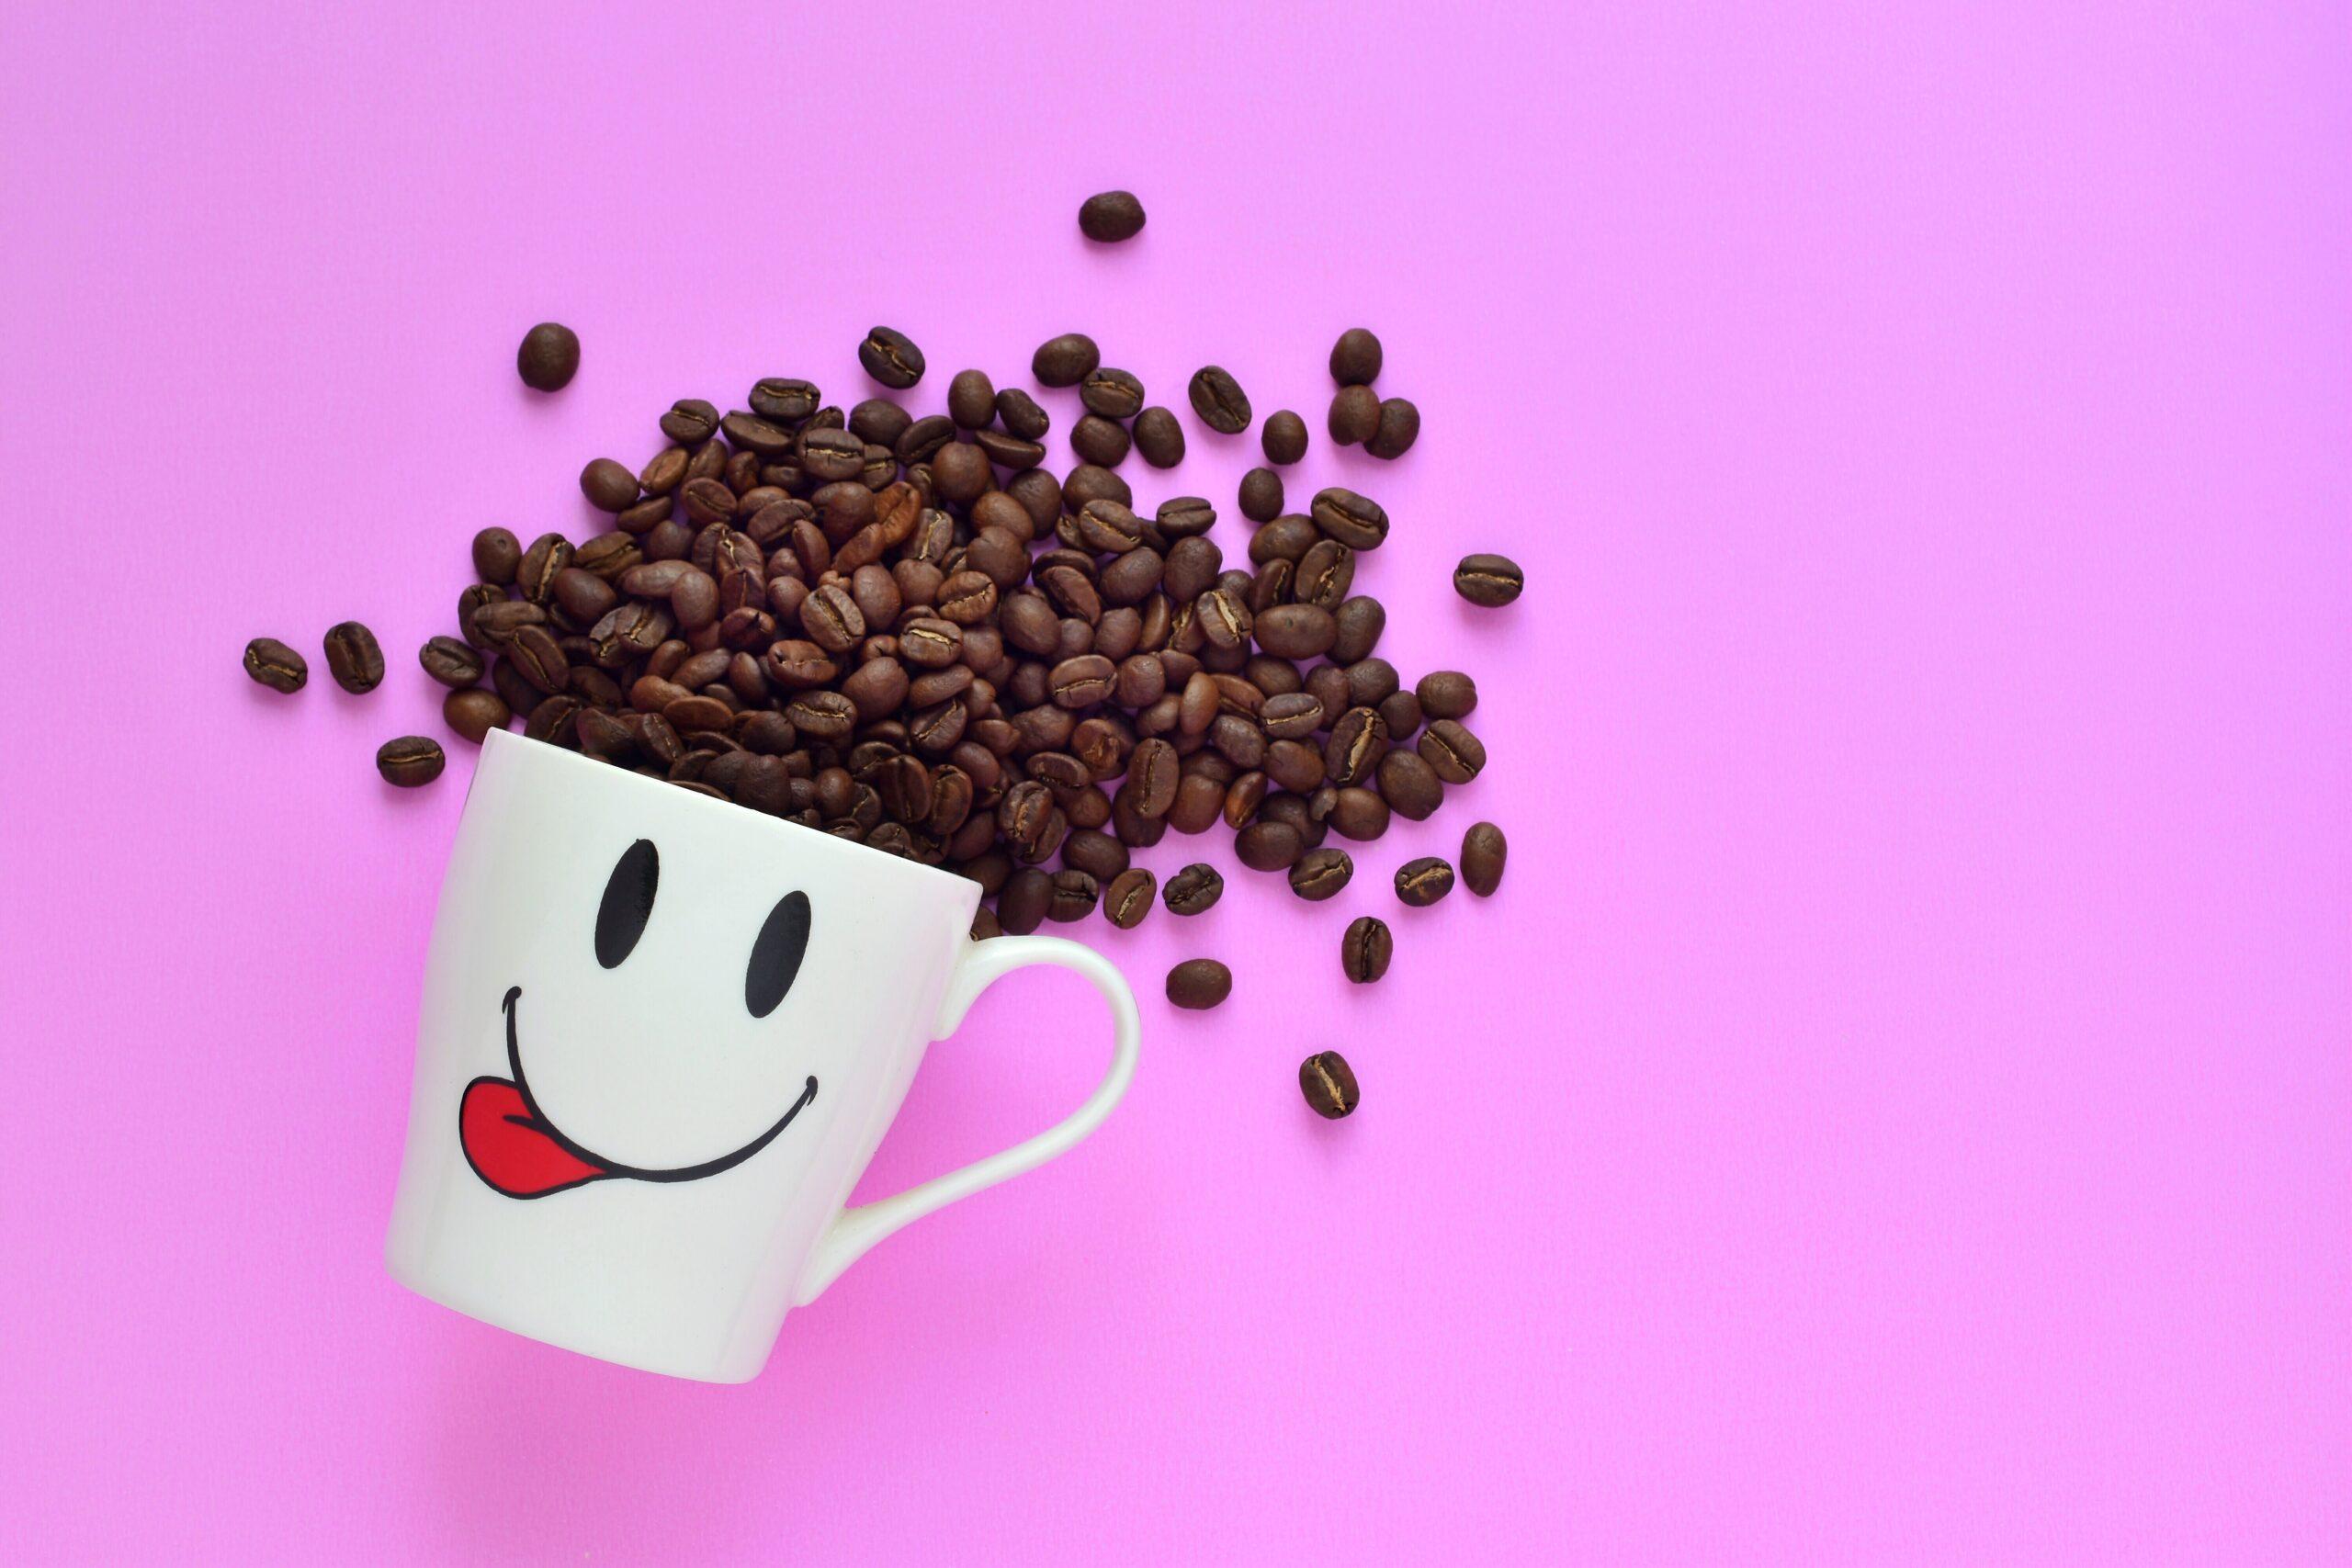 citate cafea spuse de personalitati coffeemap